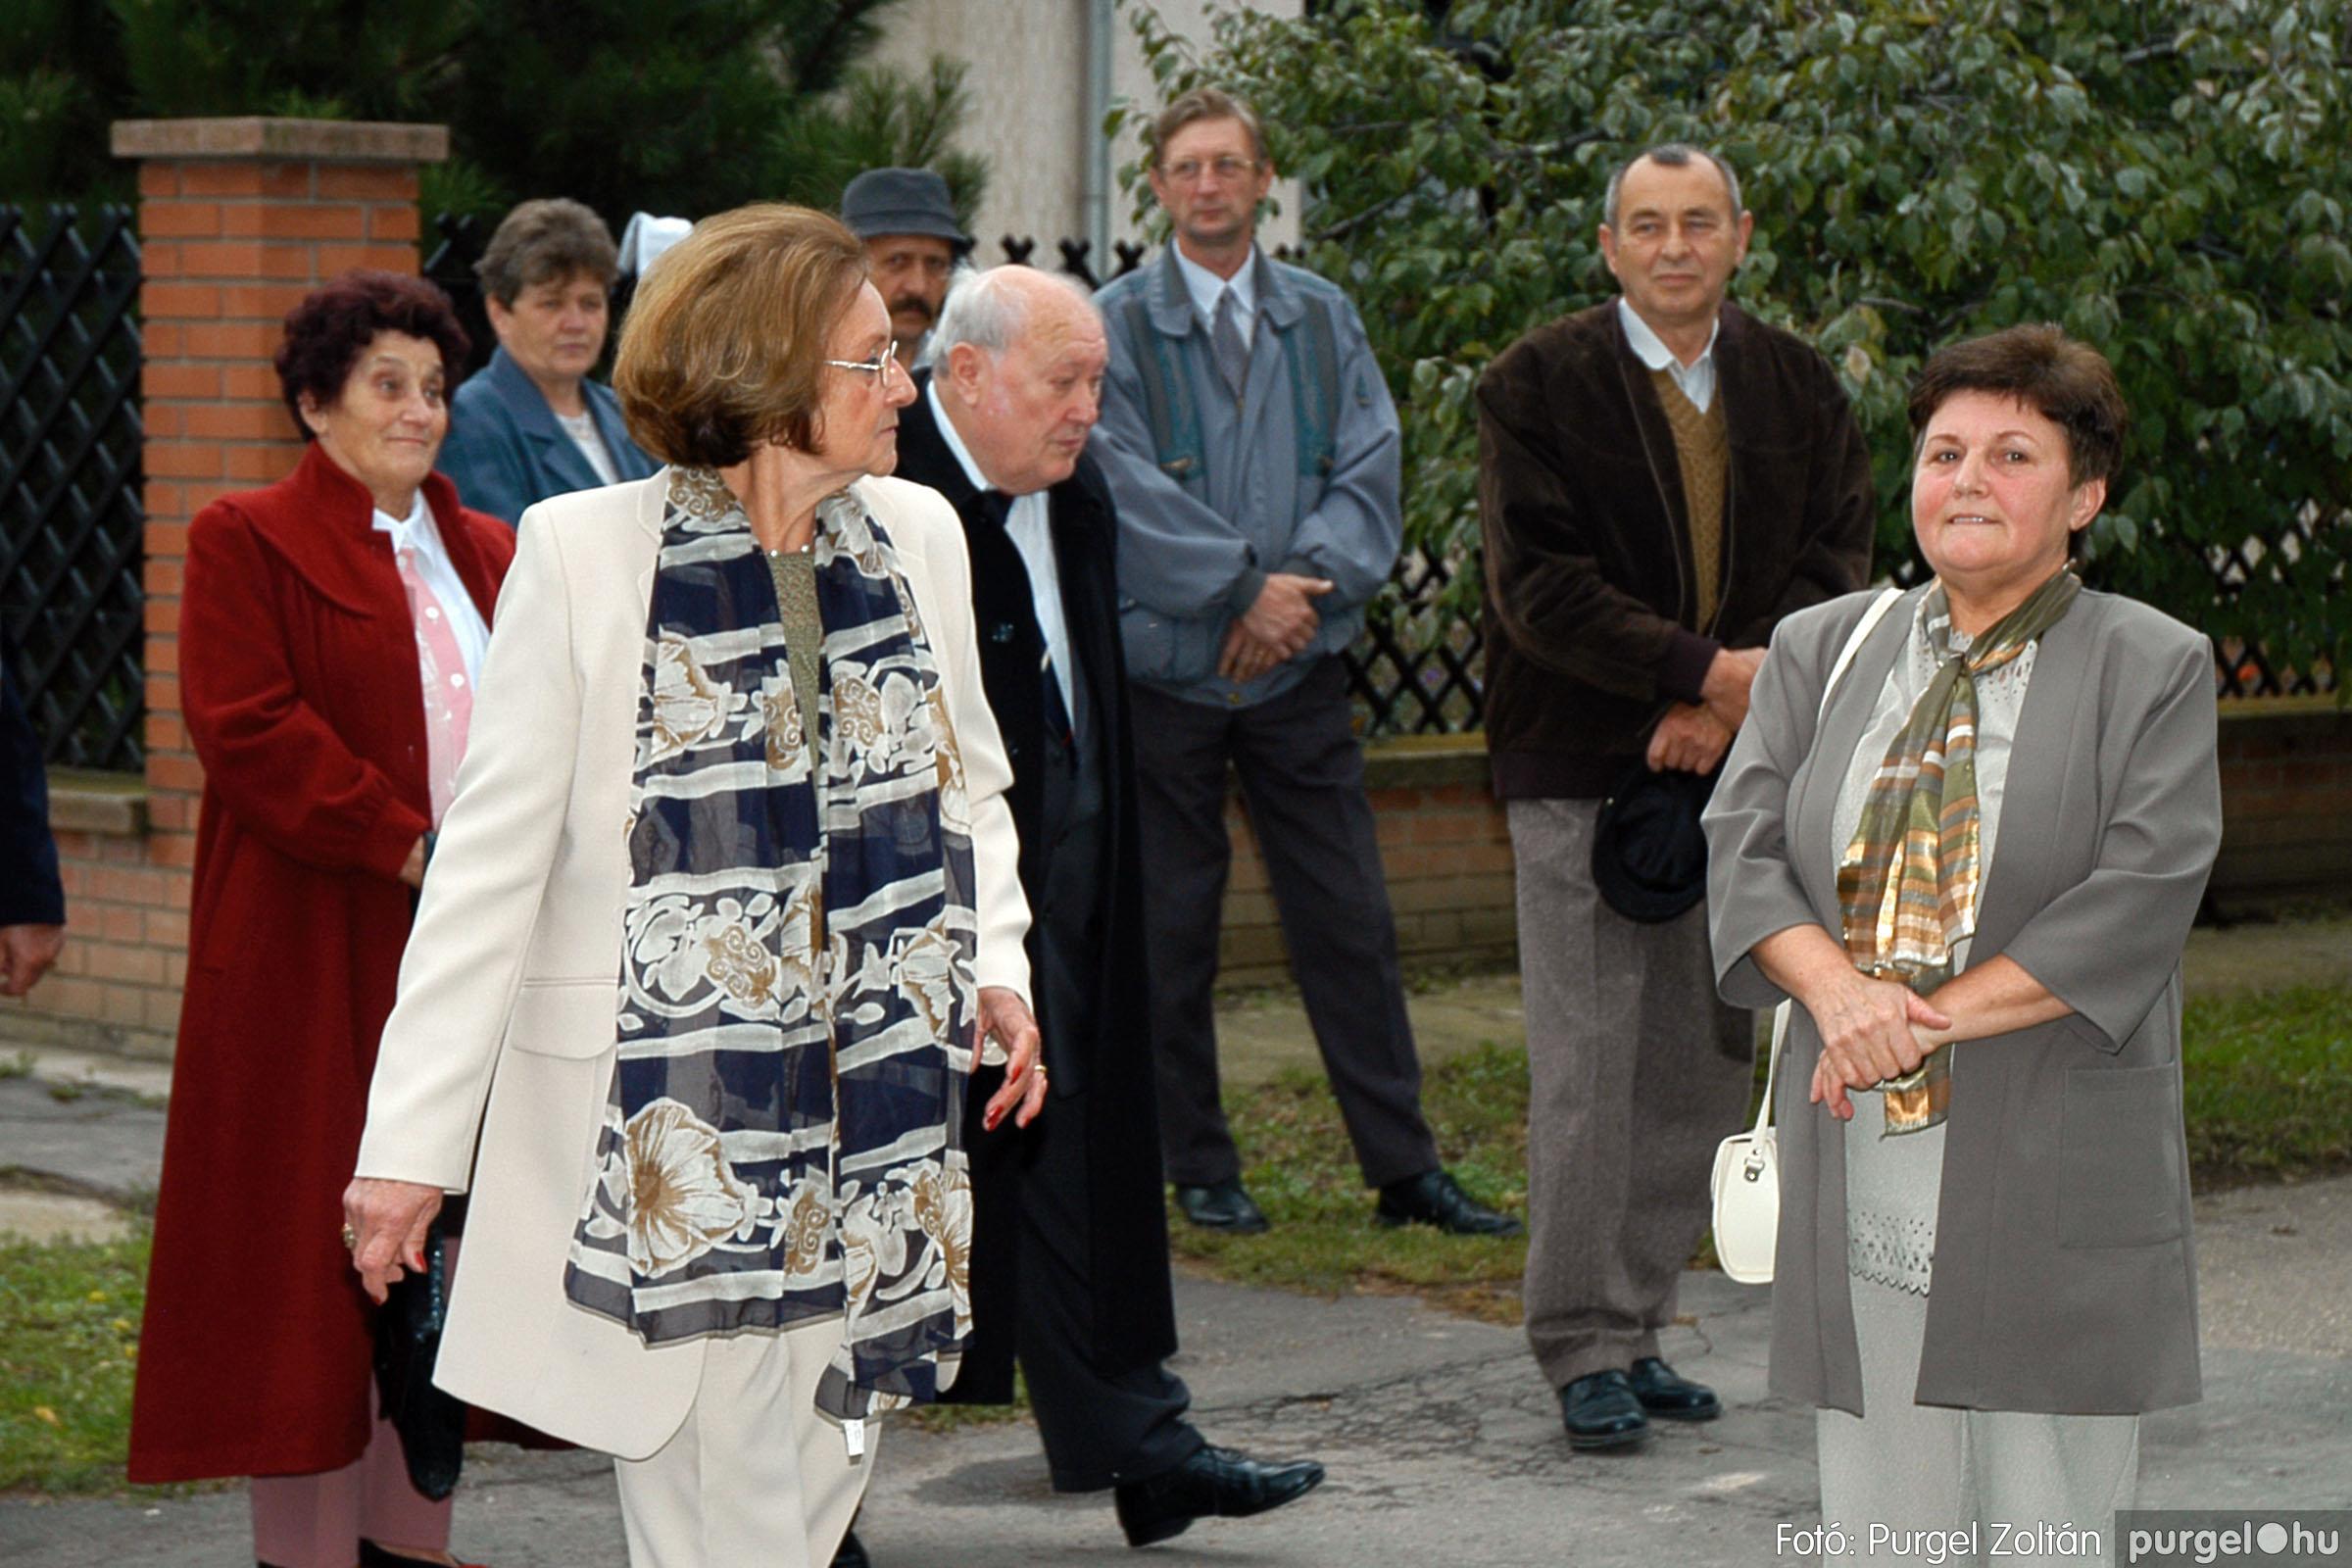 2004.09.25. 010 Dr. Csergő Károly alispán és kora című kiállítás és emléktábla avatás - Fotó:P. Z.©.jpg